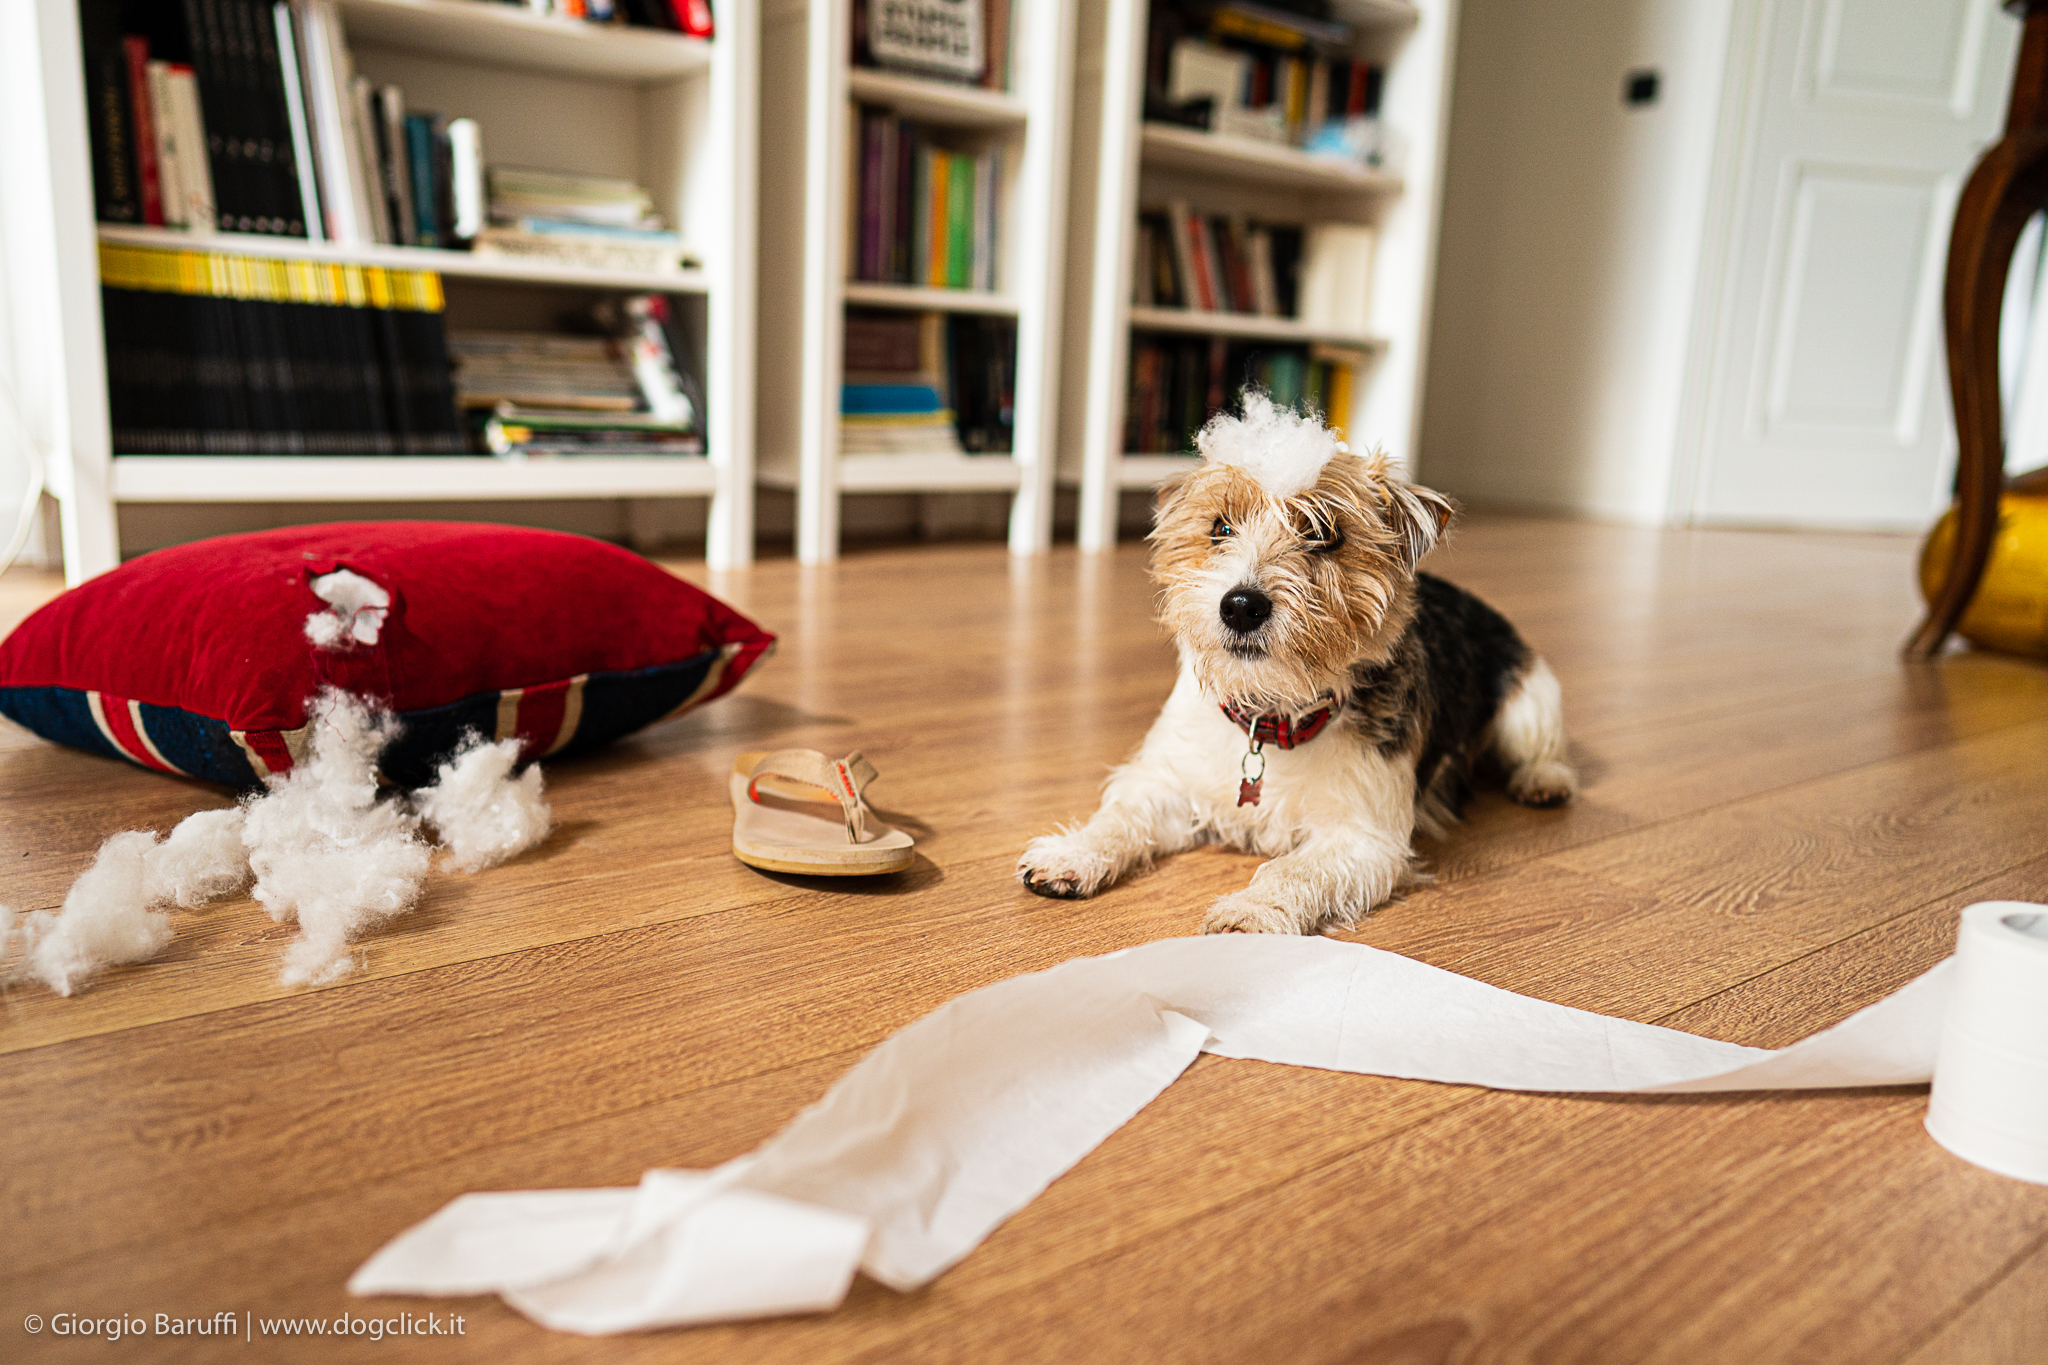 Come insegnare al cane che non deve mordere degli oggetti